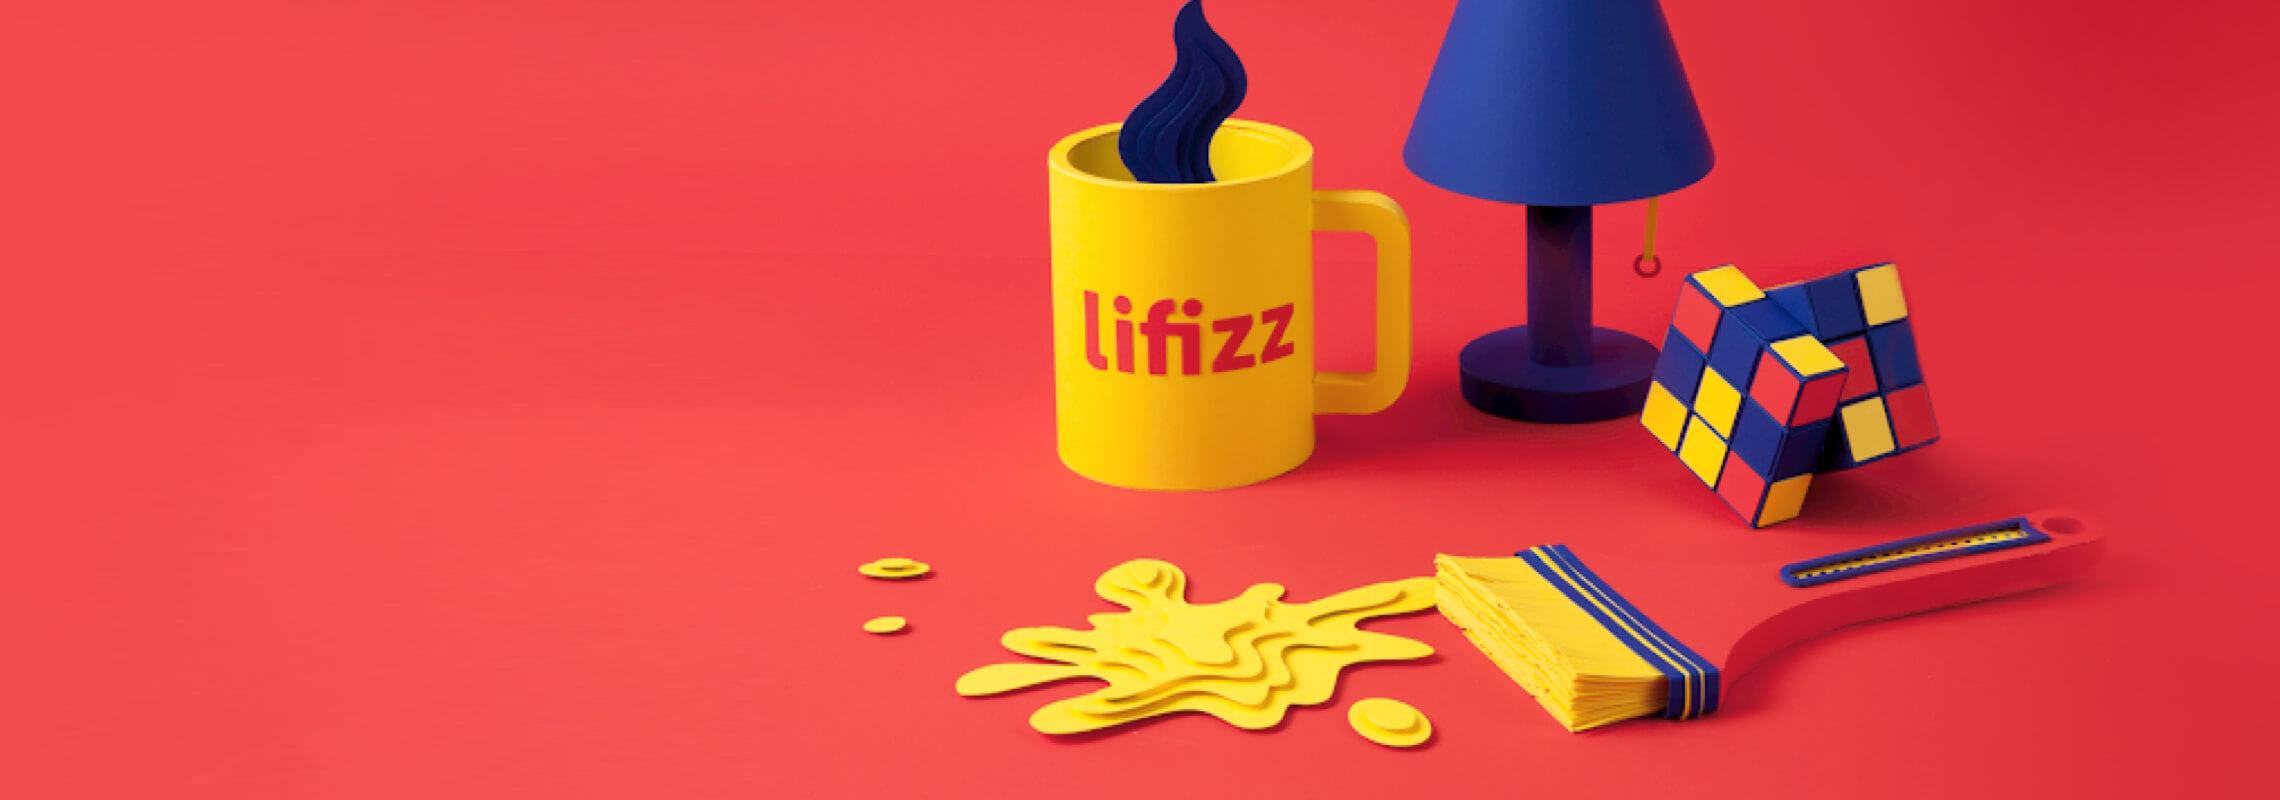 Lifizz